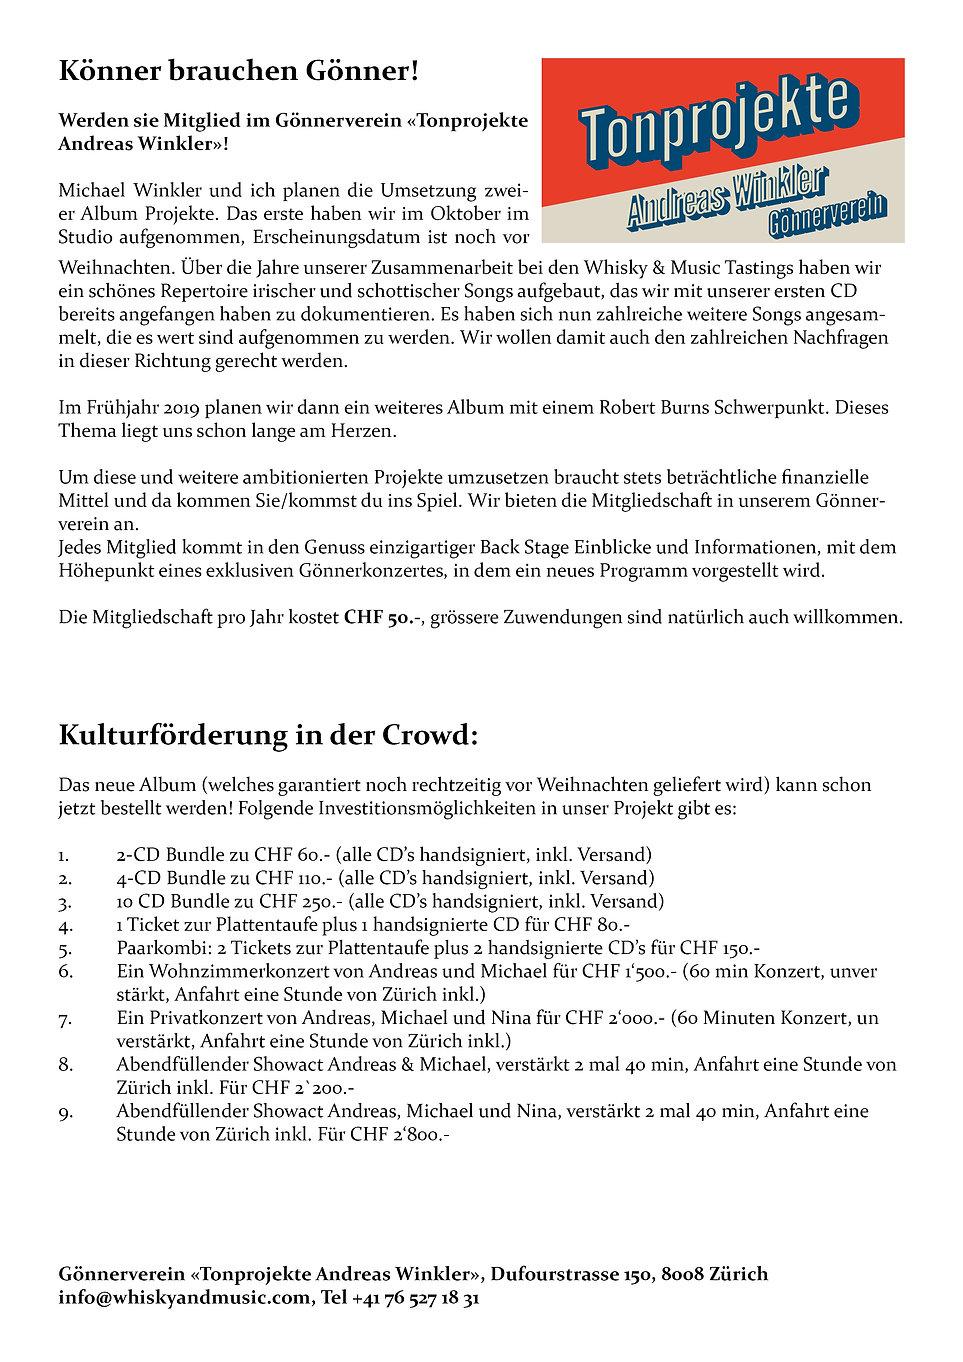 Ausleger_Gönnerverein.jpg